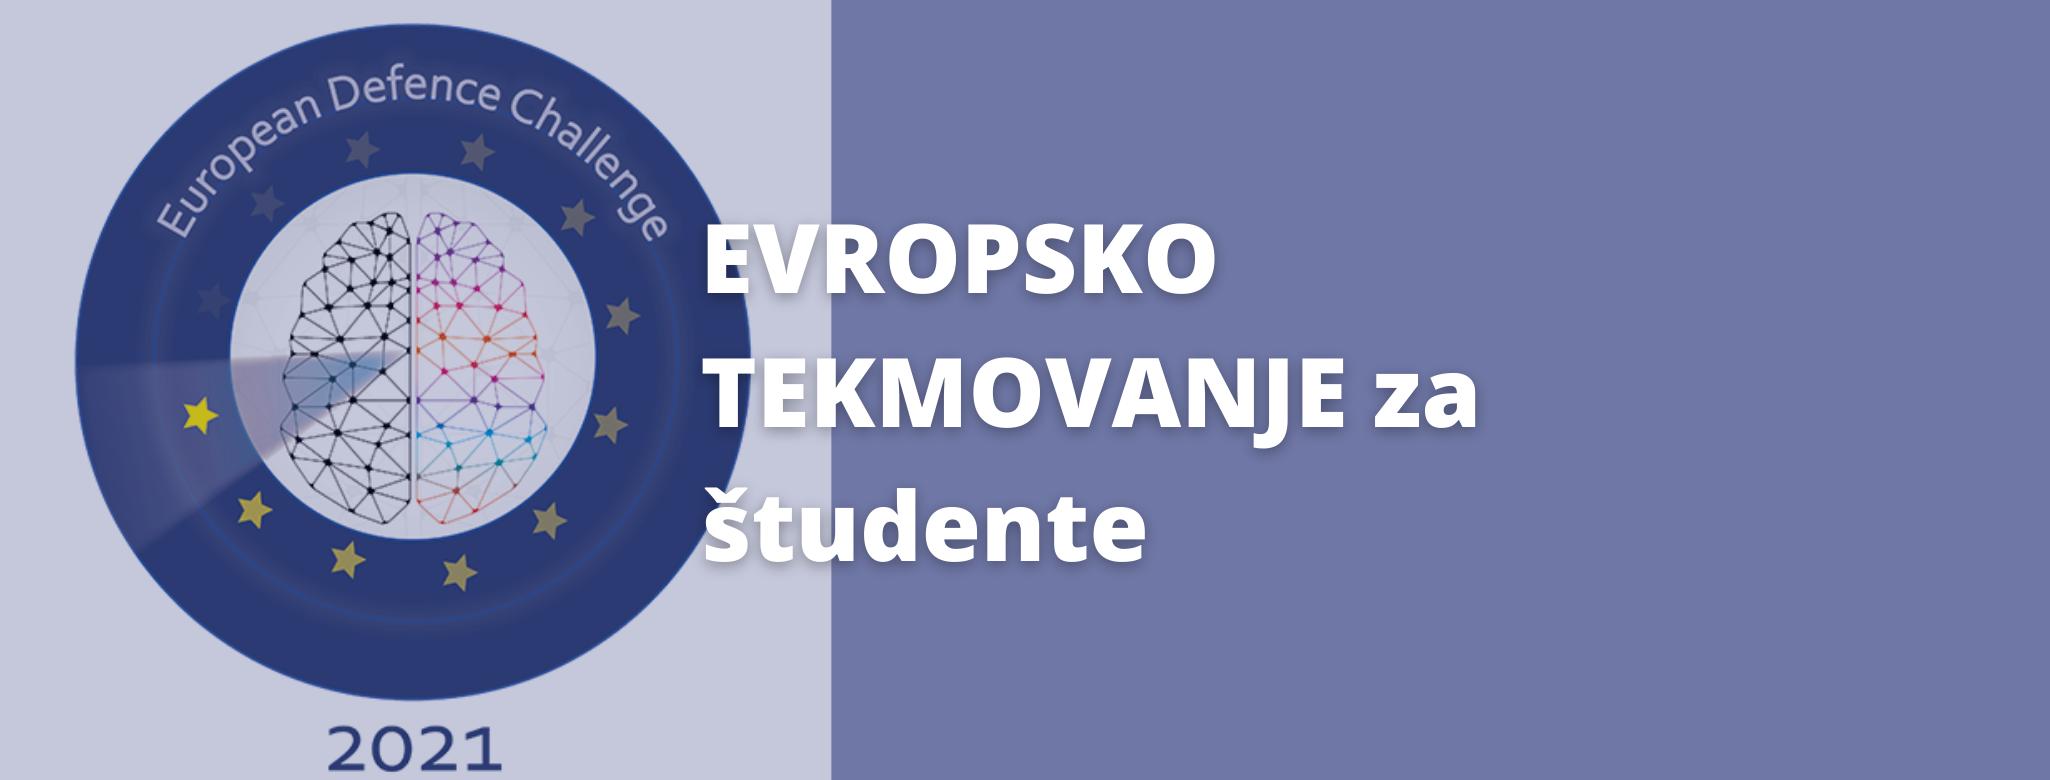 Evropsko tekmovanje za študente